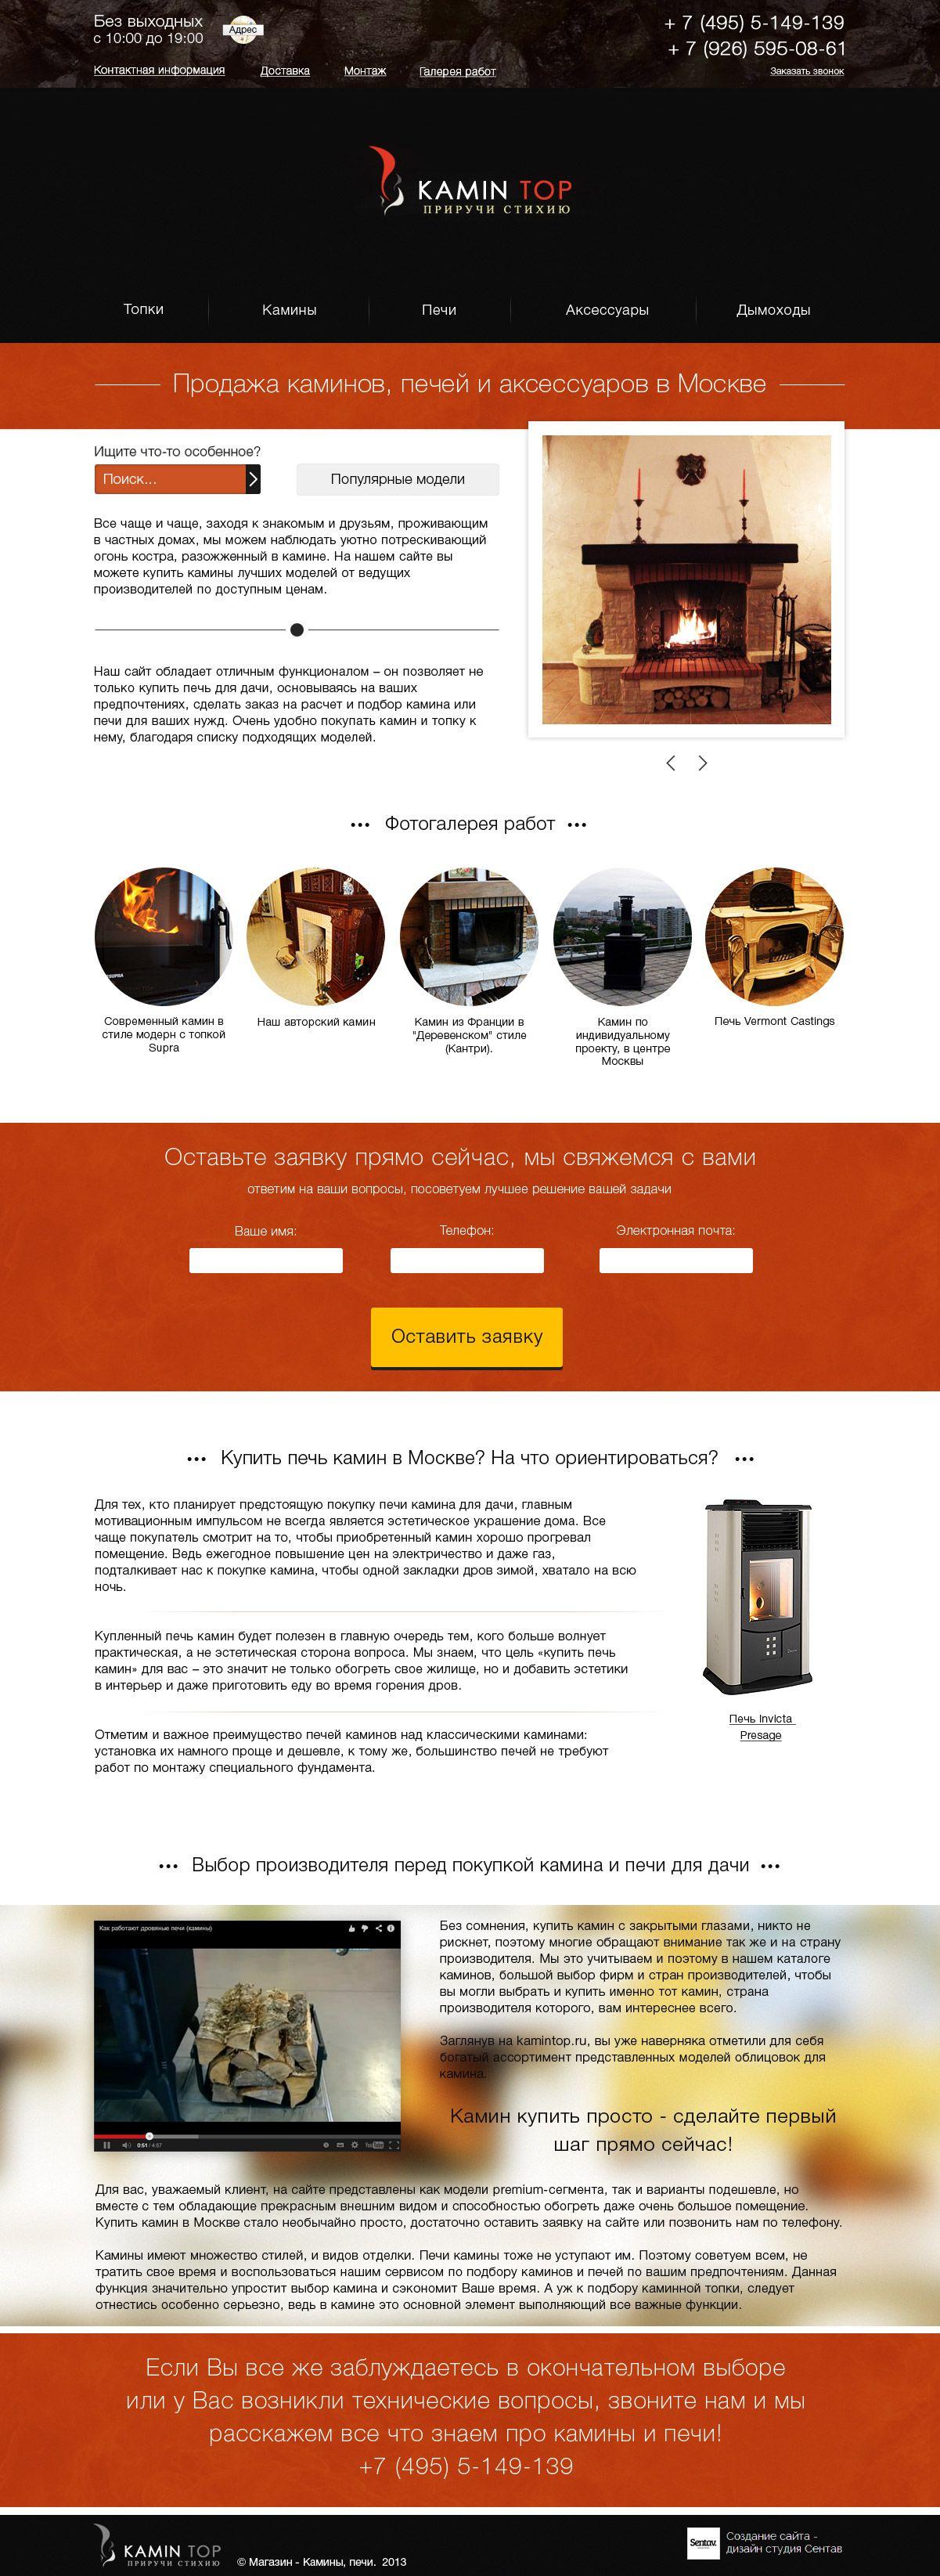 Дизайн сайта интернет магазина - дизайнер Deeh